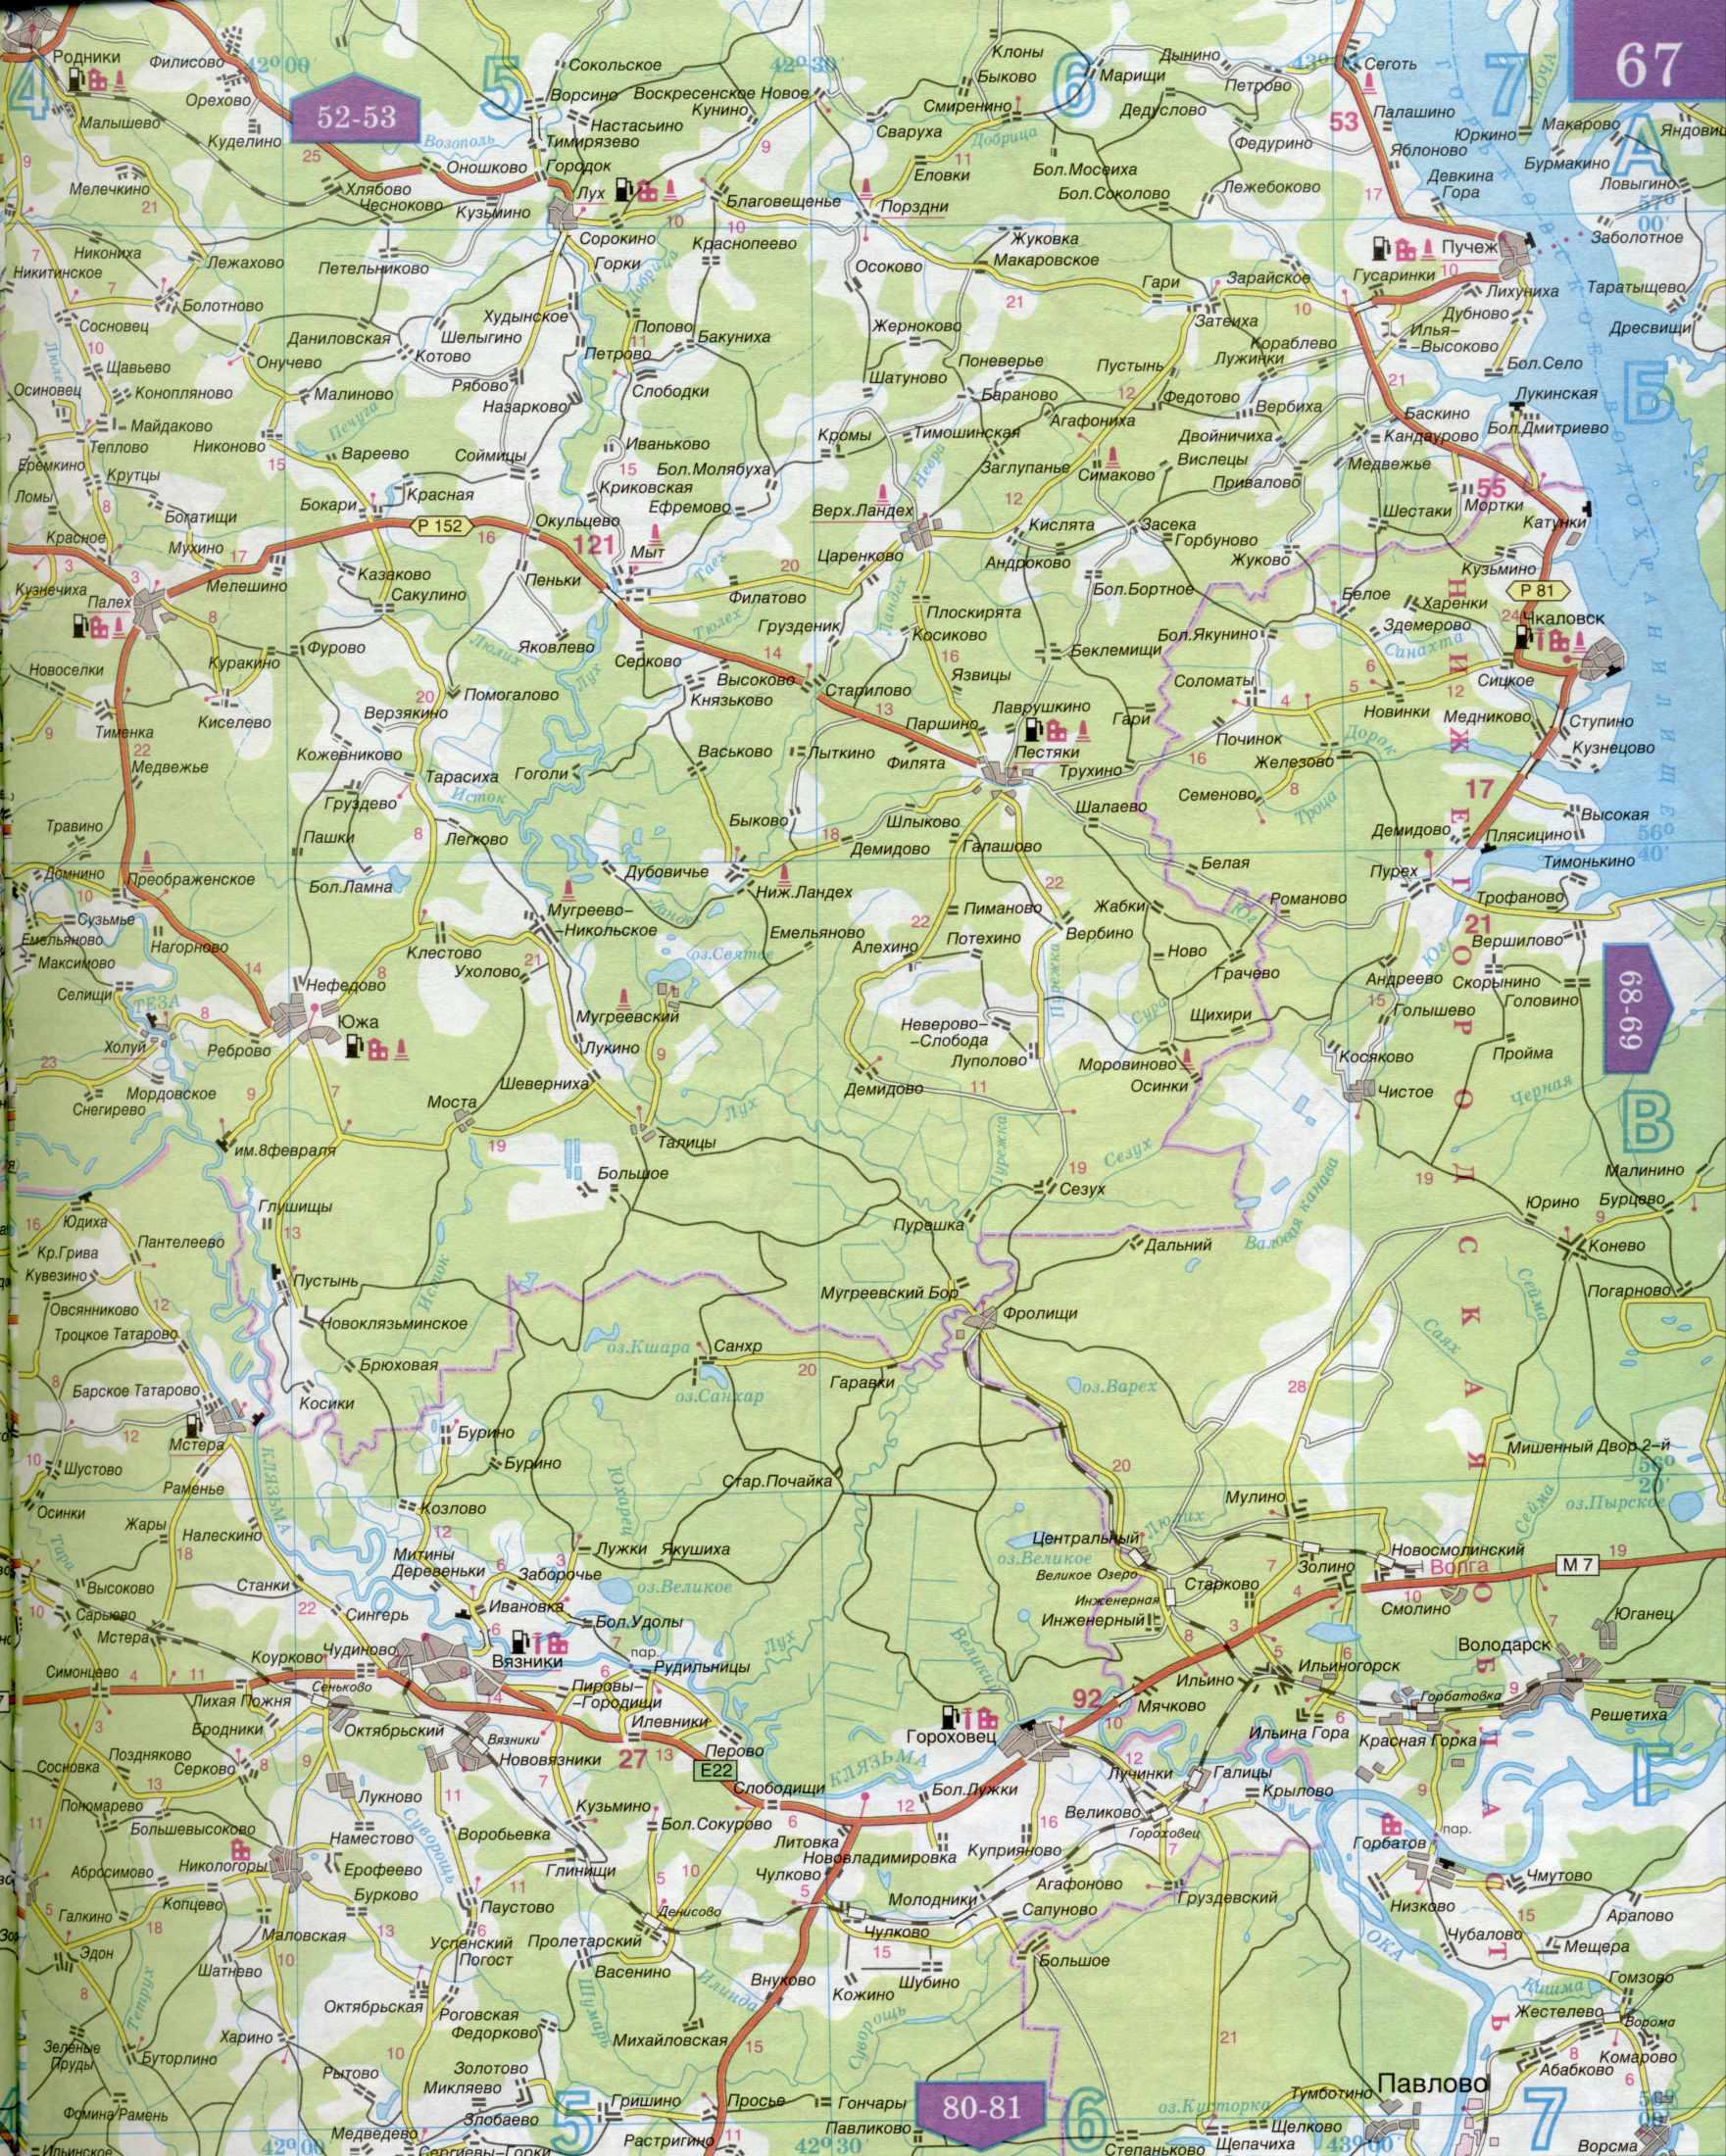 Подробная карта автомобильных дорог Ивановская область. Бесплатно